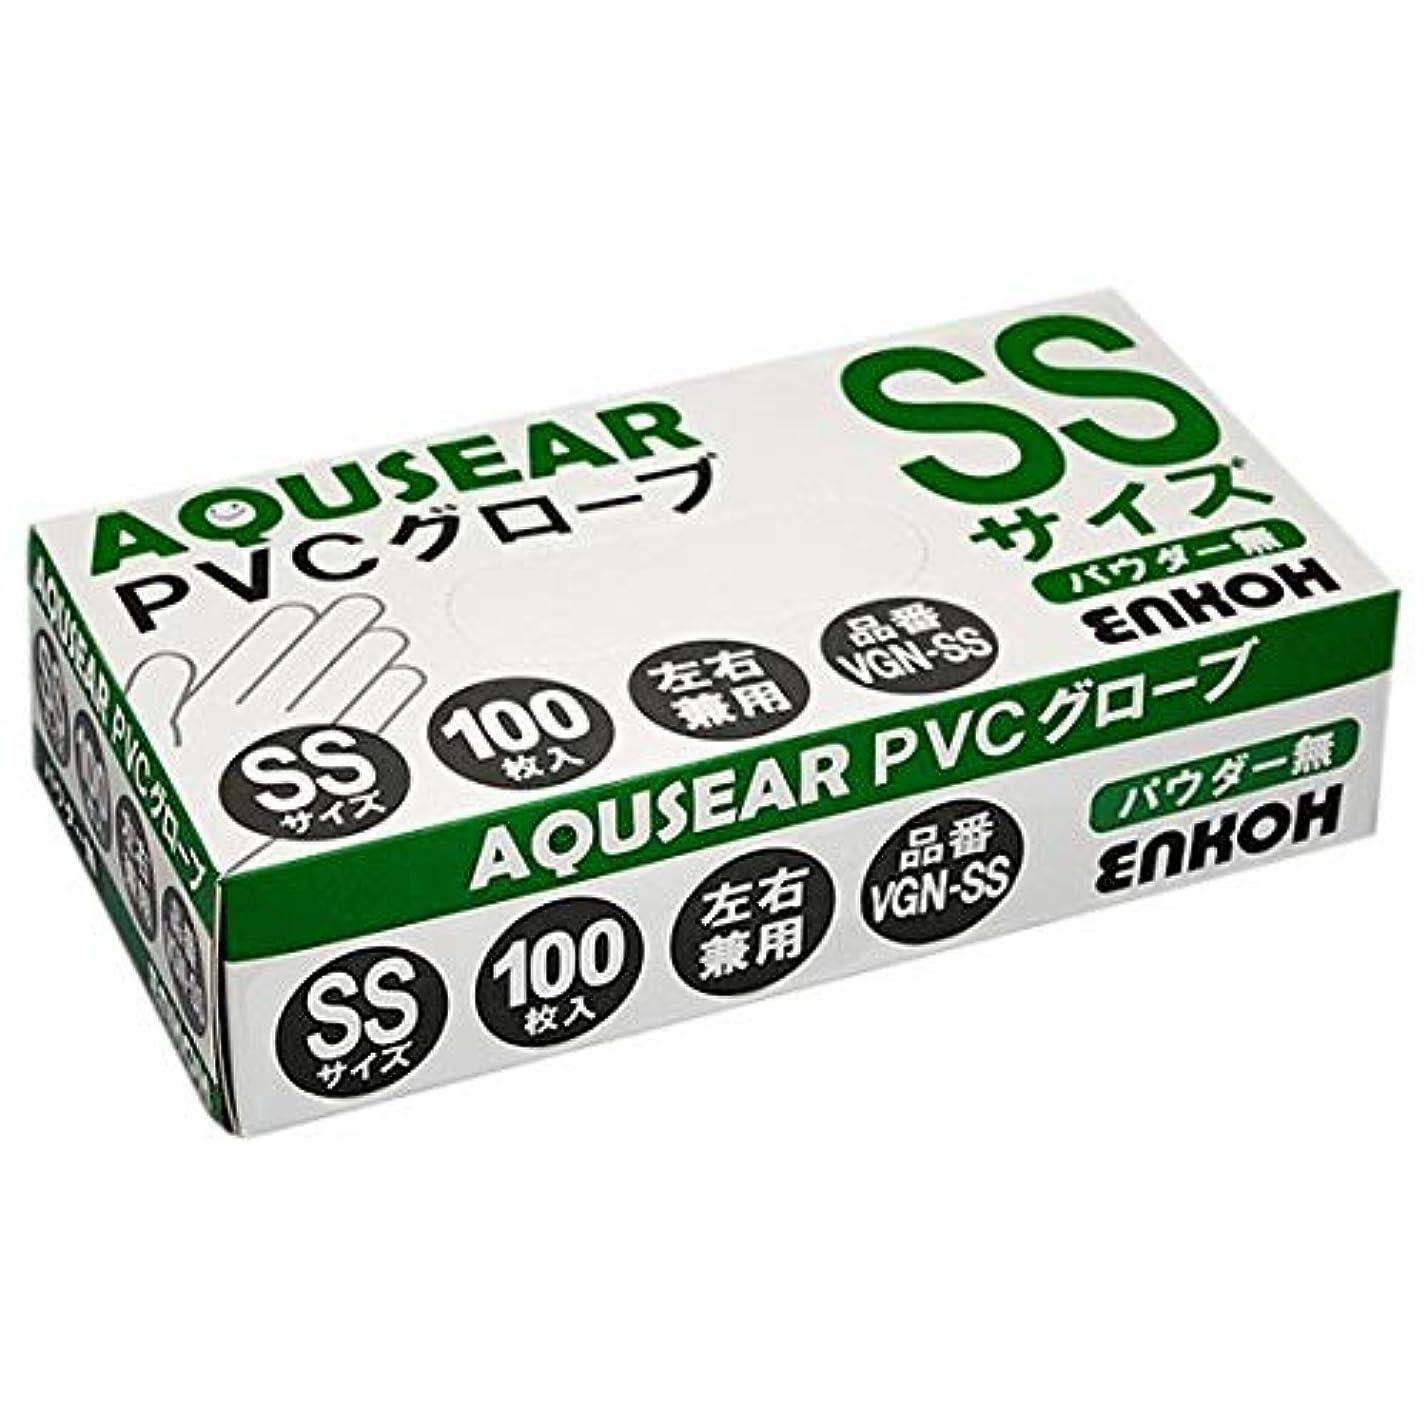 ケーブル徒歩で故障中AQUSEAR PVC プラスチックグローブ SSサイズ パウダー無 VGN-SS 100枚×20箱